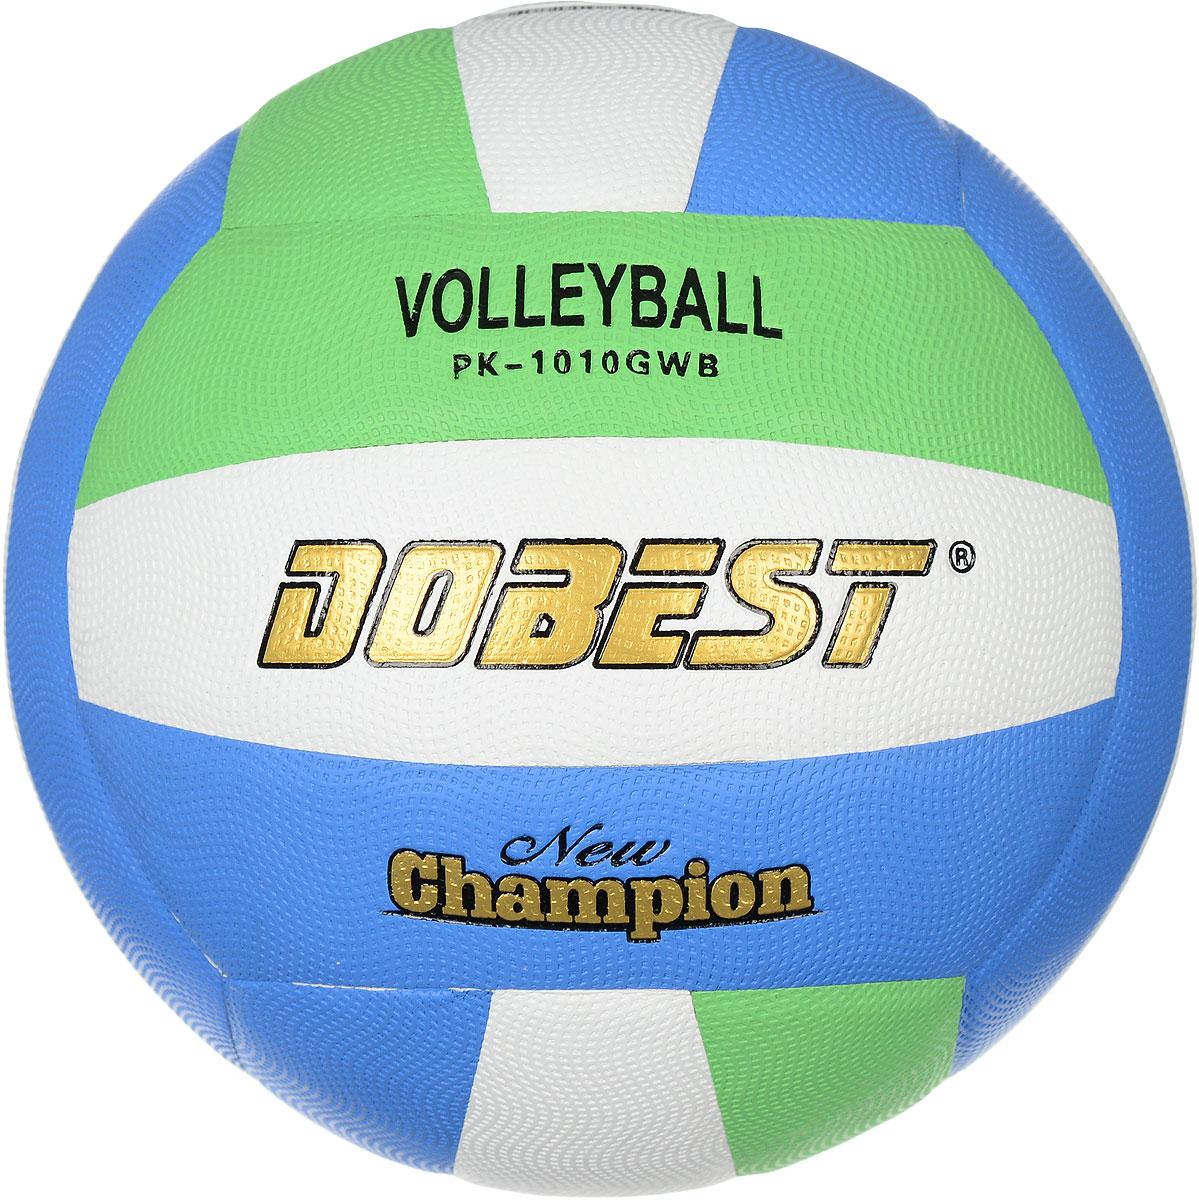 Мяч волейбольный Dobest, цвет: белый, синий, зеленый. Размер 5PK-1010GWBВолейбольный мяч Dobest подойдет для любительской игры на улице и в зале. Изделие выполнено из высококачественной синтетической кожи и микрофибры, камера - резина. Панели клееные. Количество панелей: 18. Количество слоев: 4. Вес: 260-280 г. УВАЖЕМЫЕ КЛИЕНТЫ! Обращаем ваше внимание на тот факт, что мяч поставляется в сдутом виде. Насос не входит в комплект.